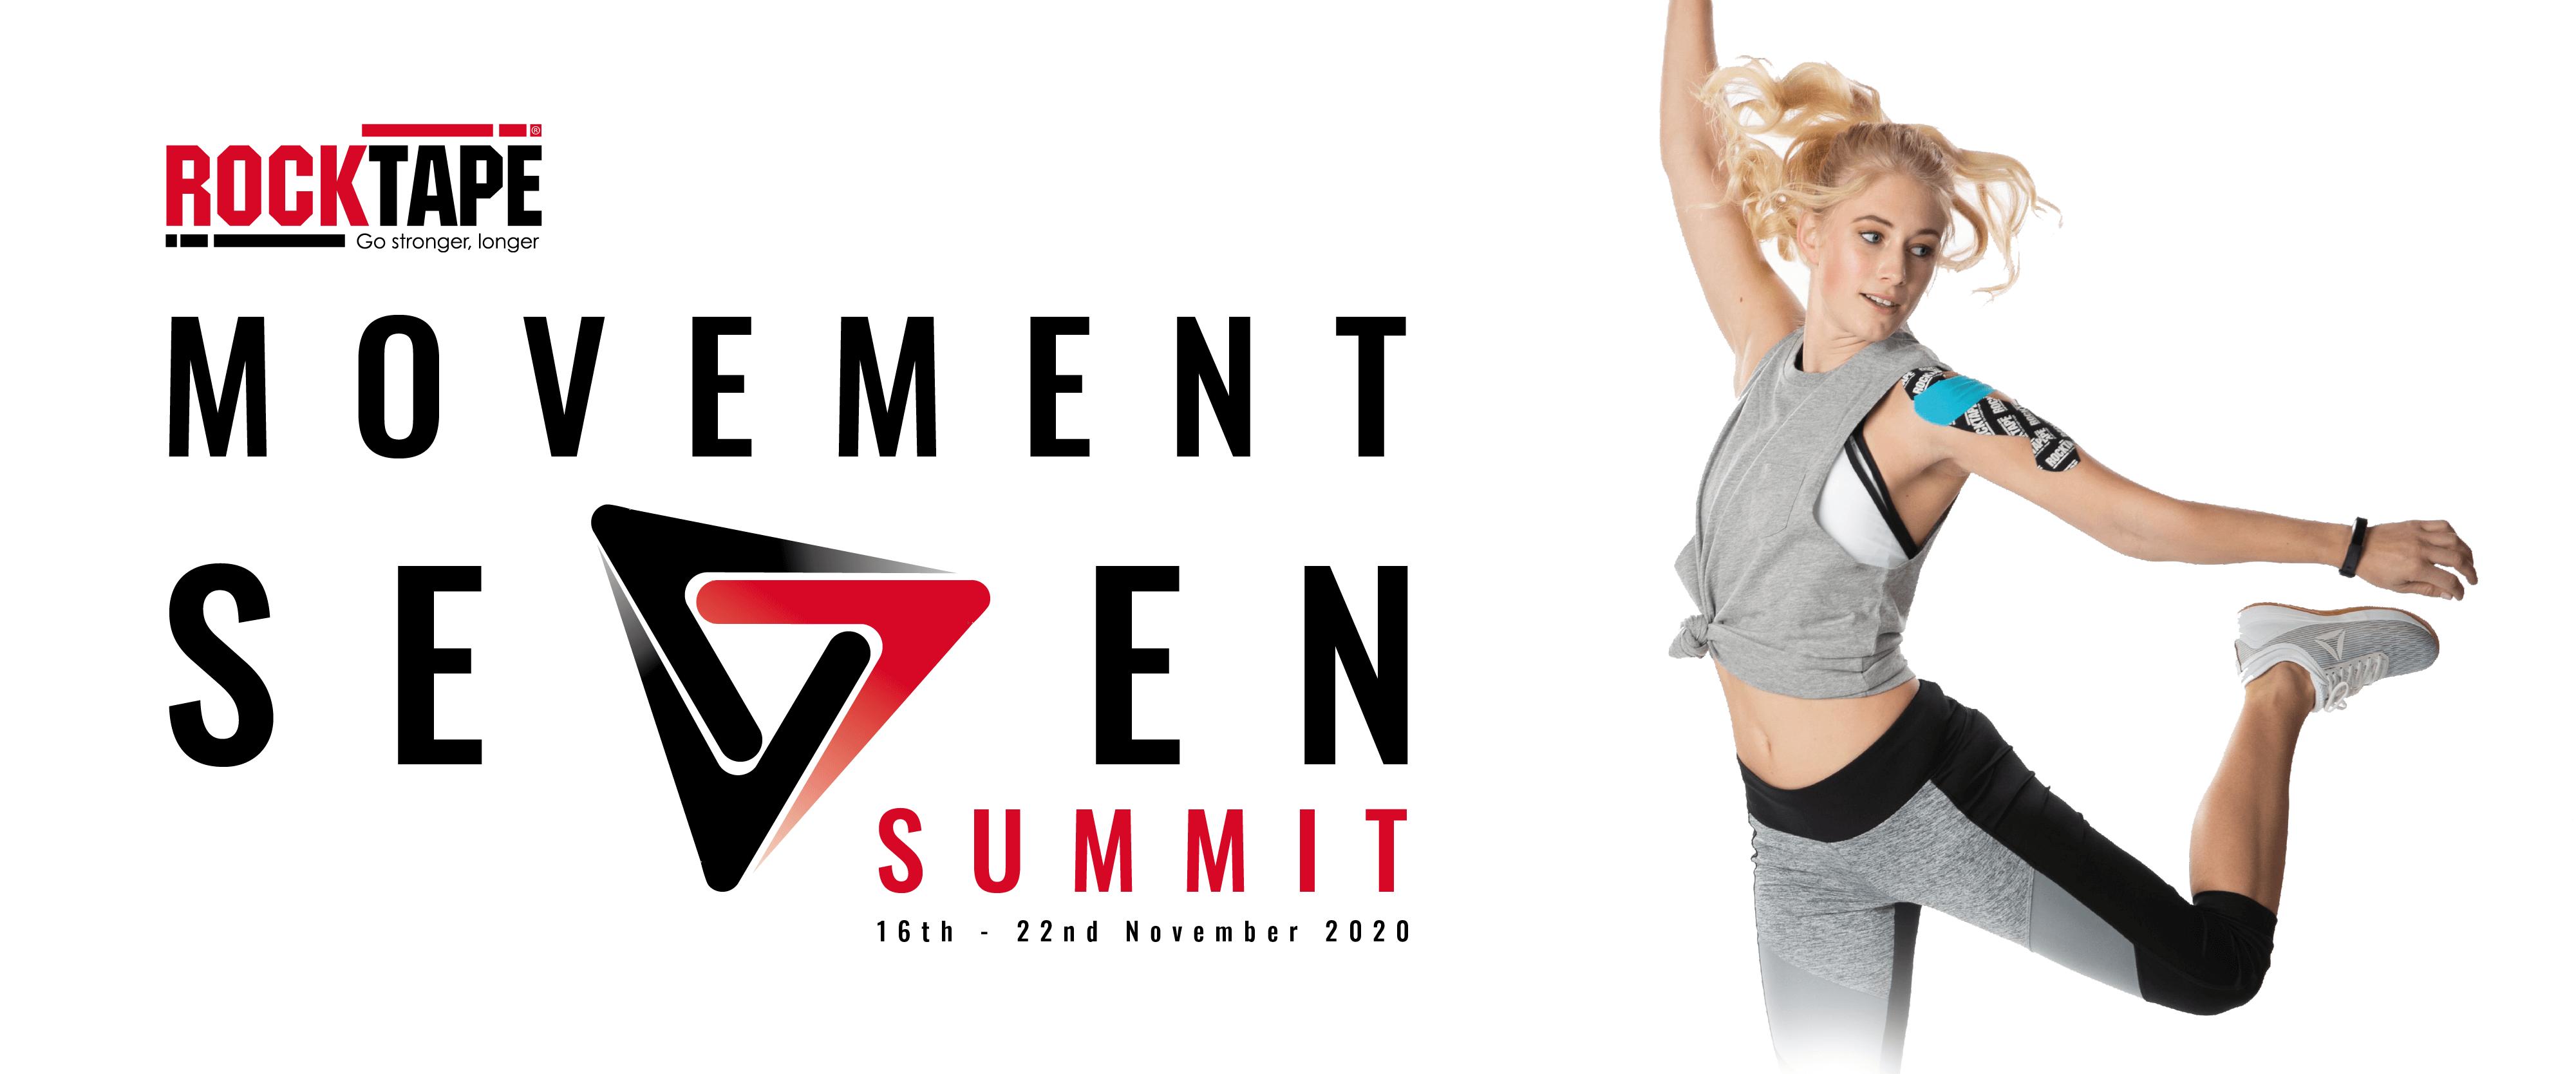 Movement Summit 2020 Banner